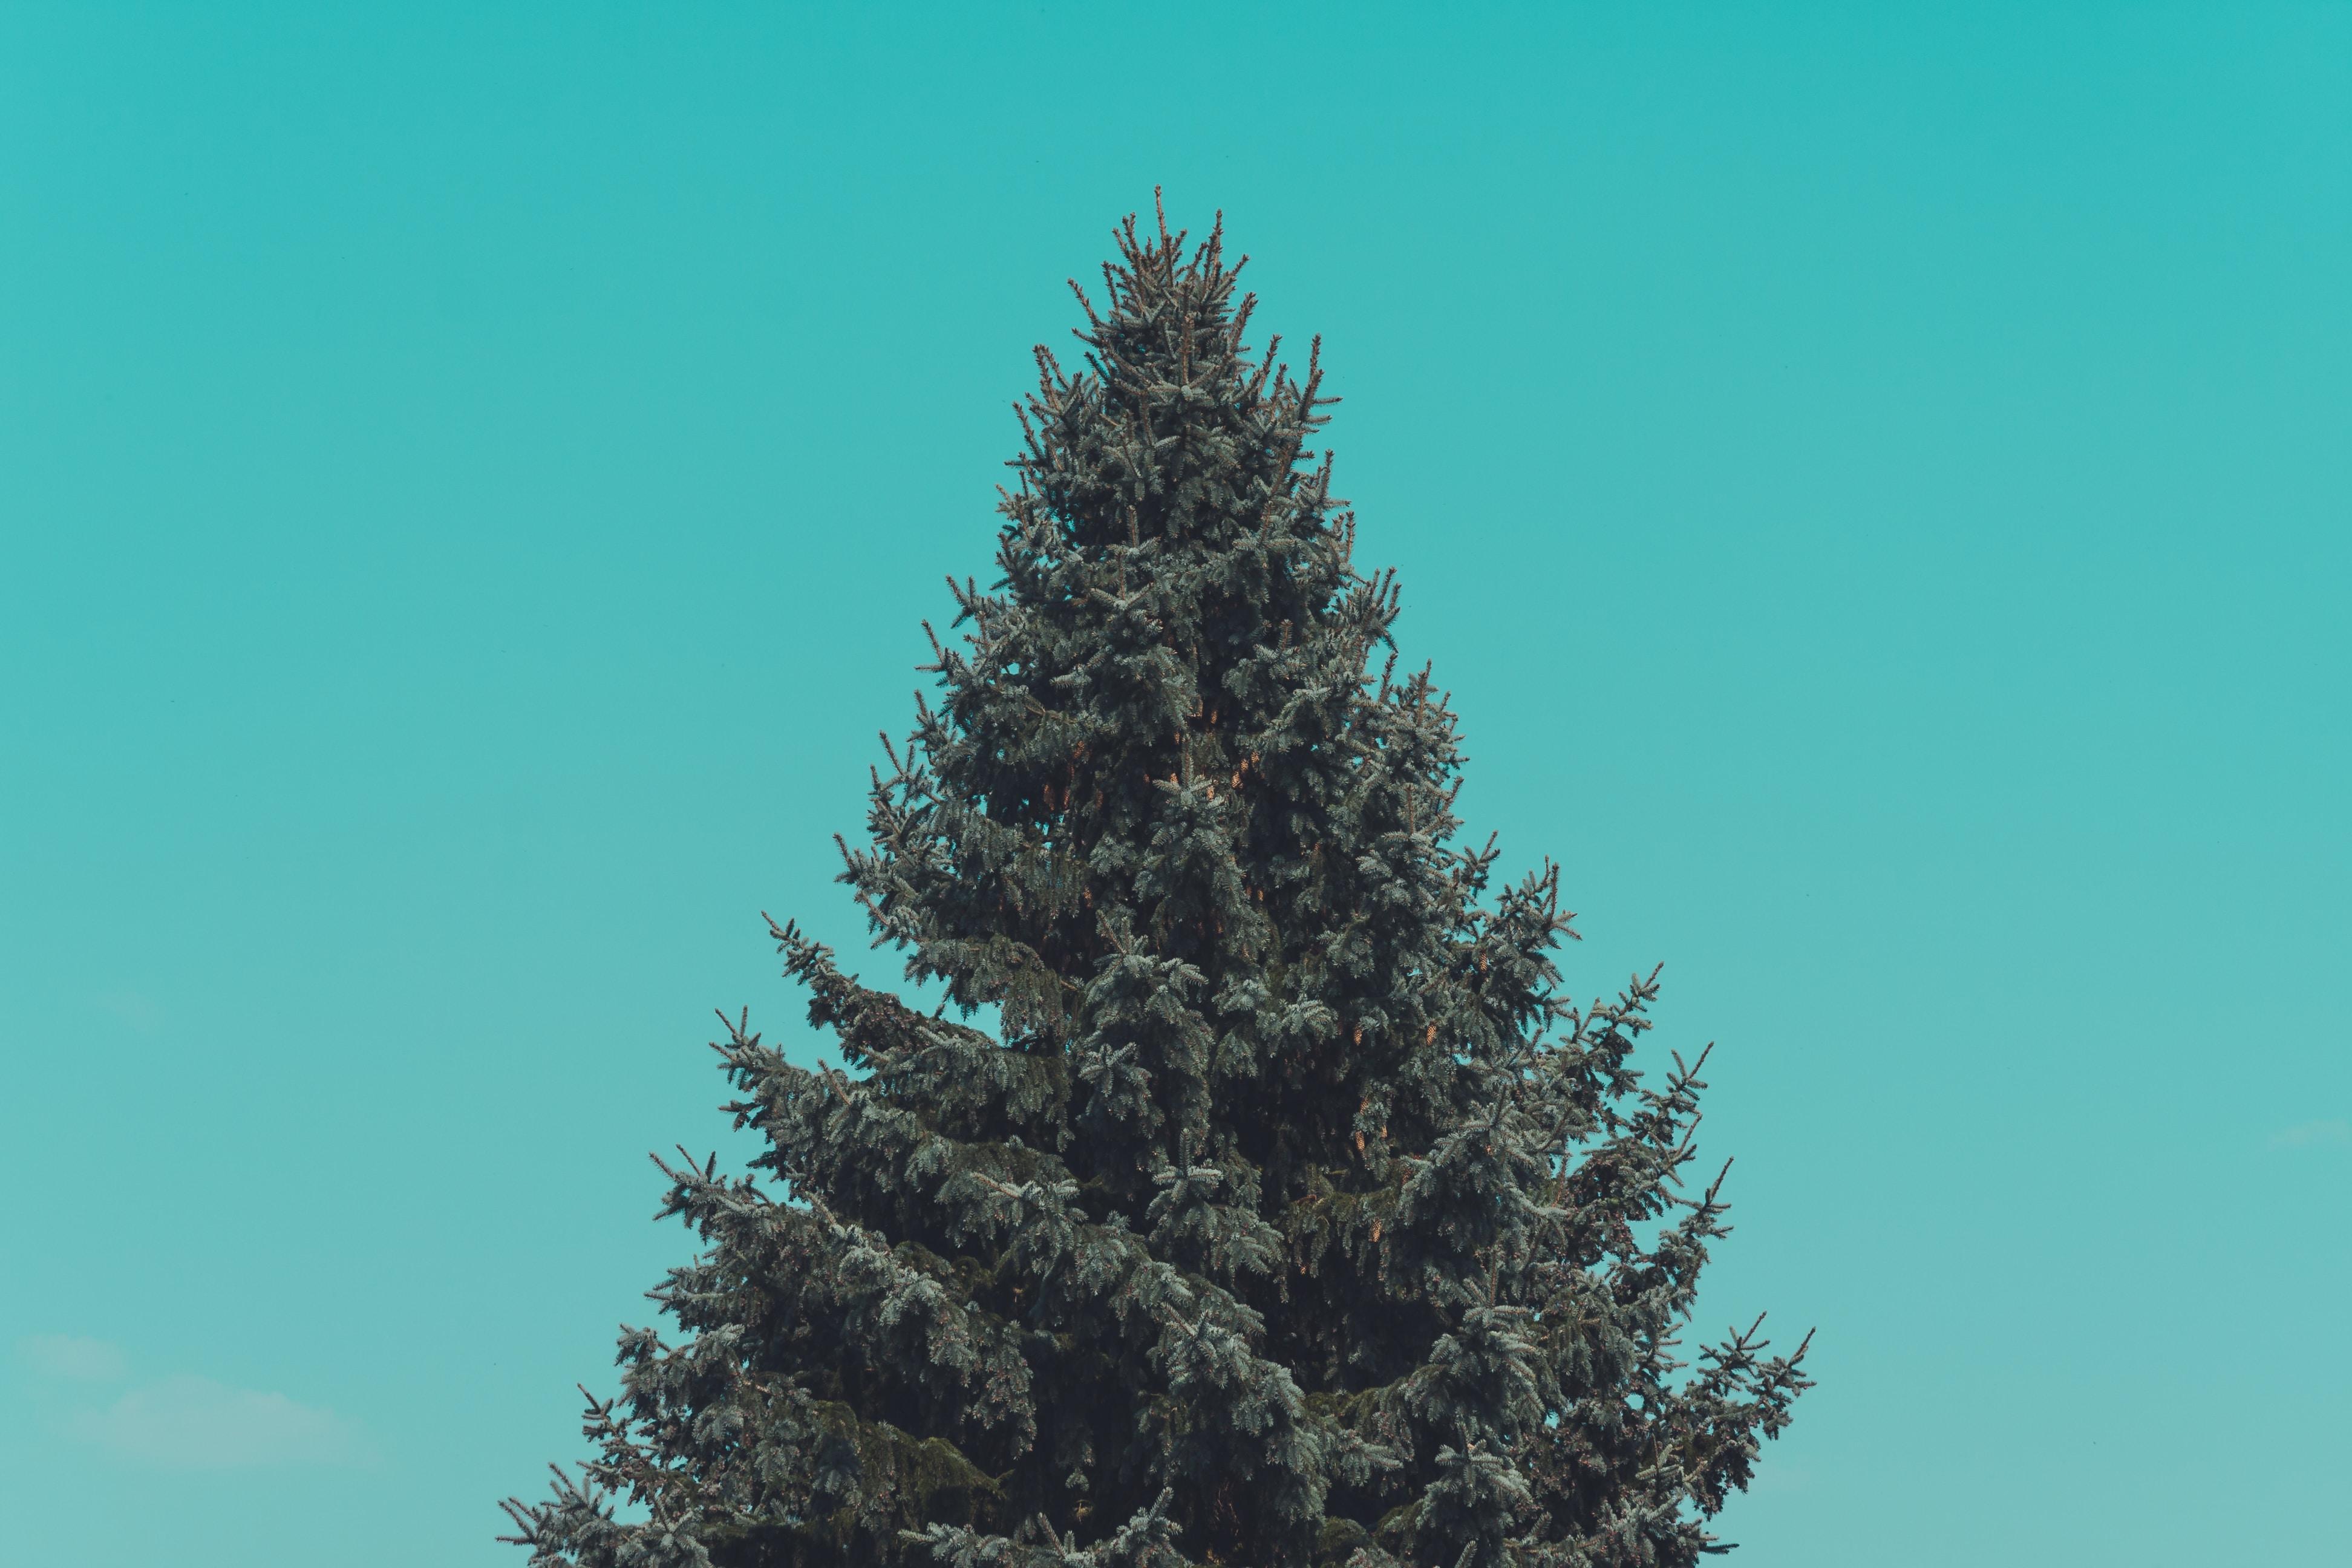 Holiday Home Christmas Tree